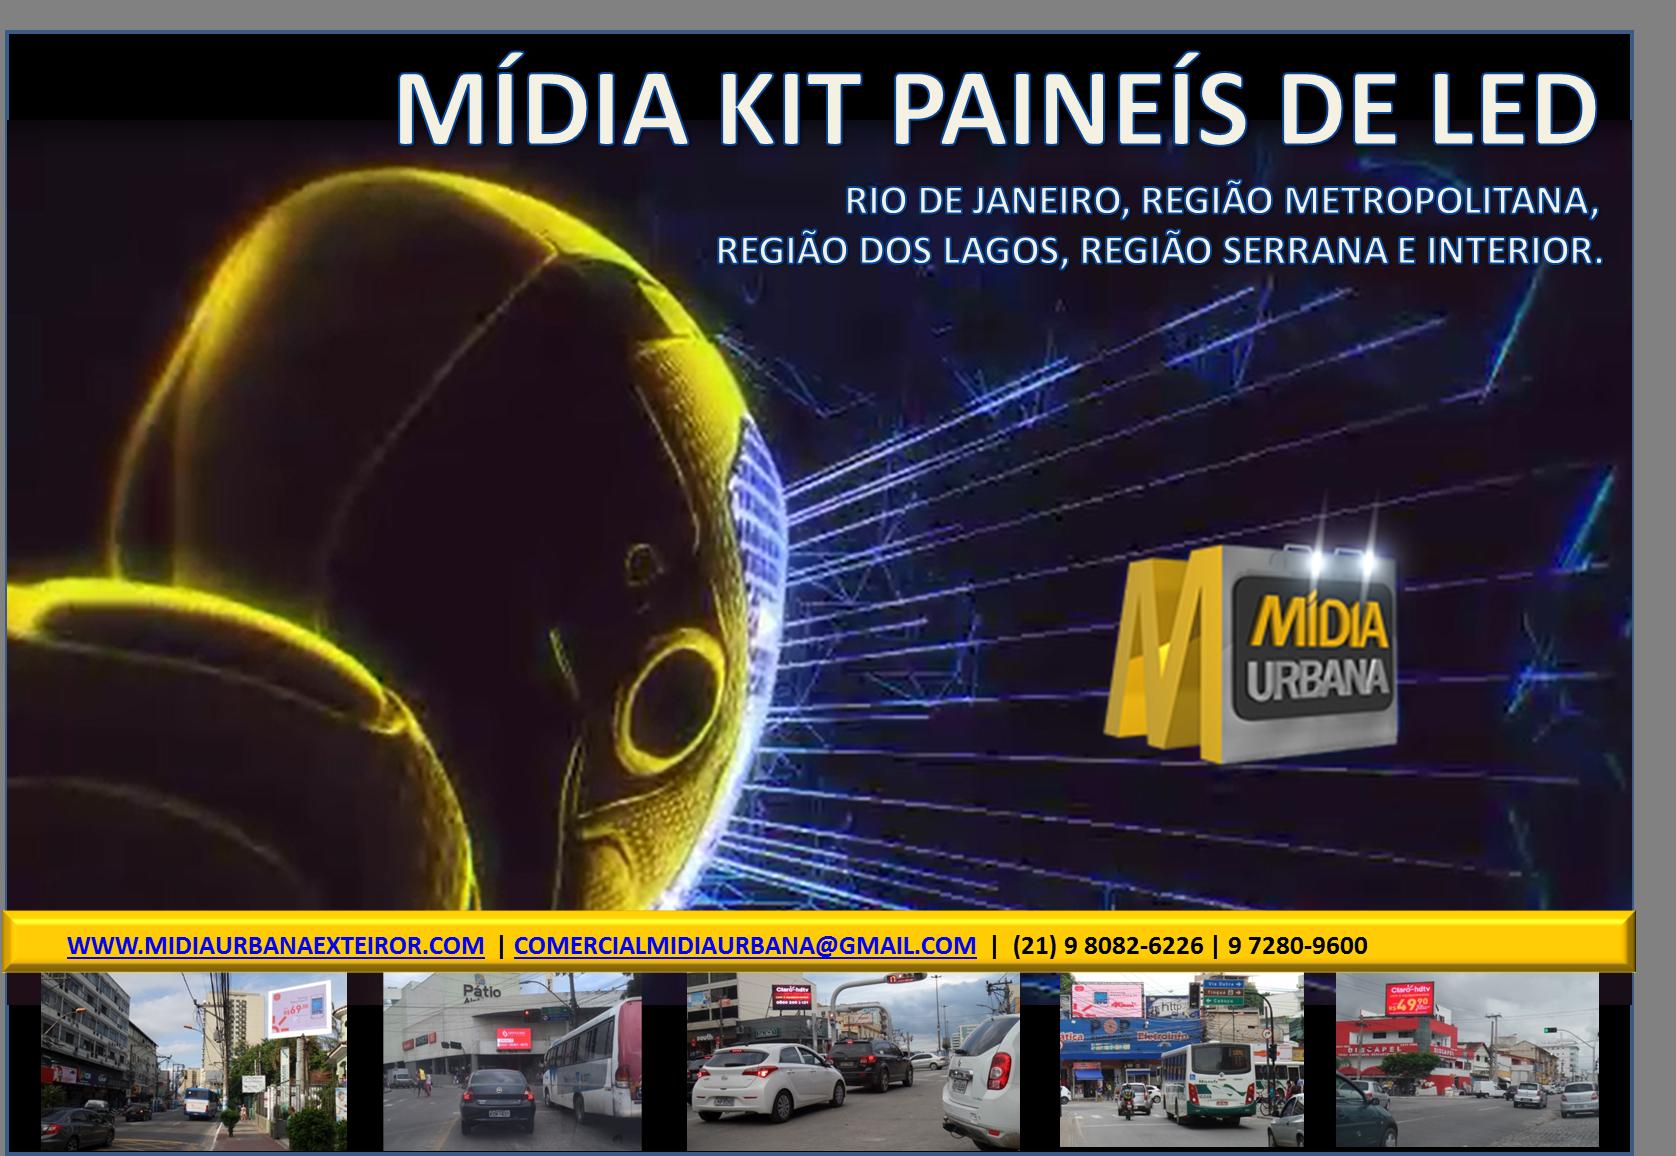 Mìdia Kit Painéis de Led Rio